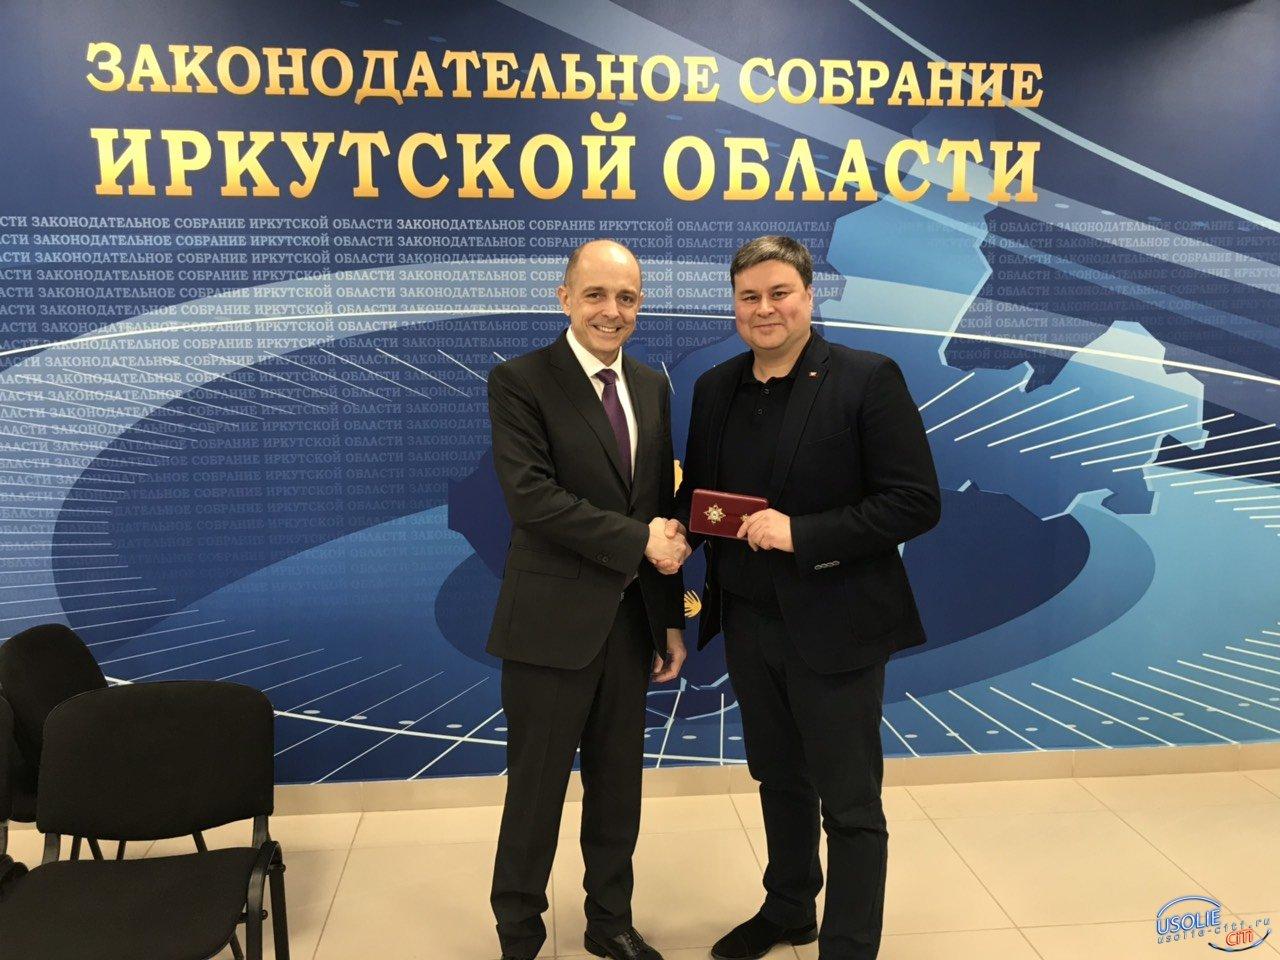 Усольский врач Вадим Кучаров получил большую награду